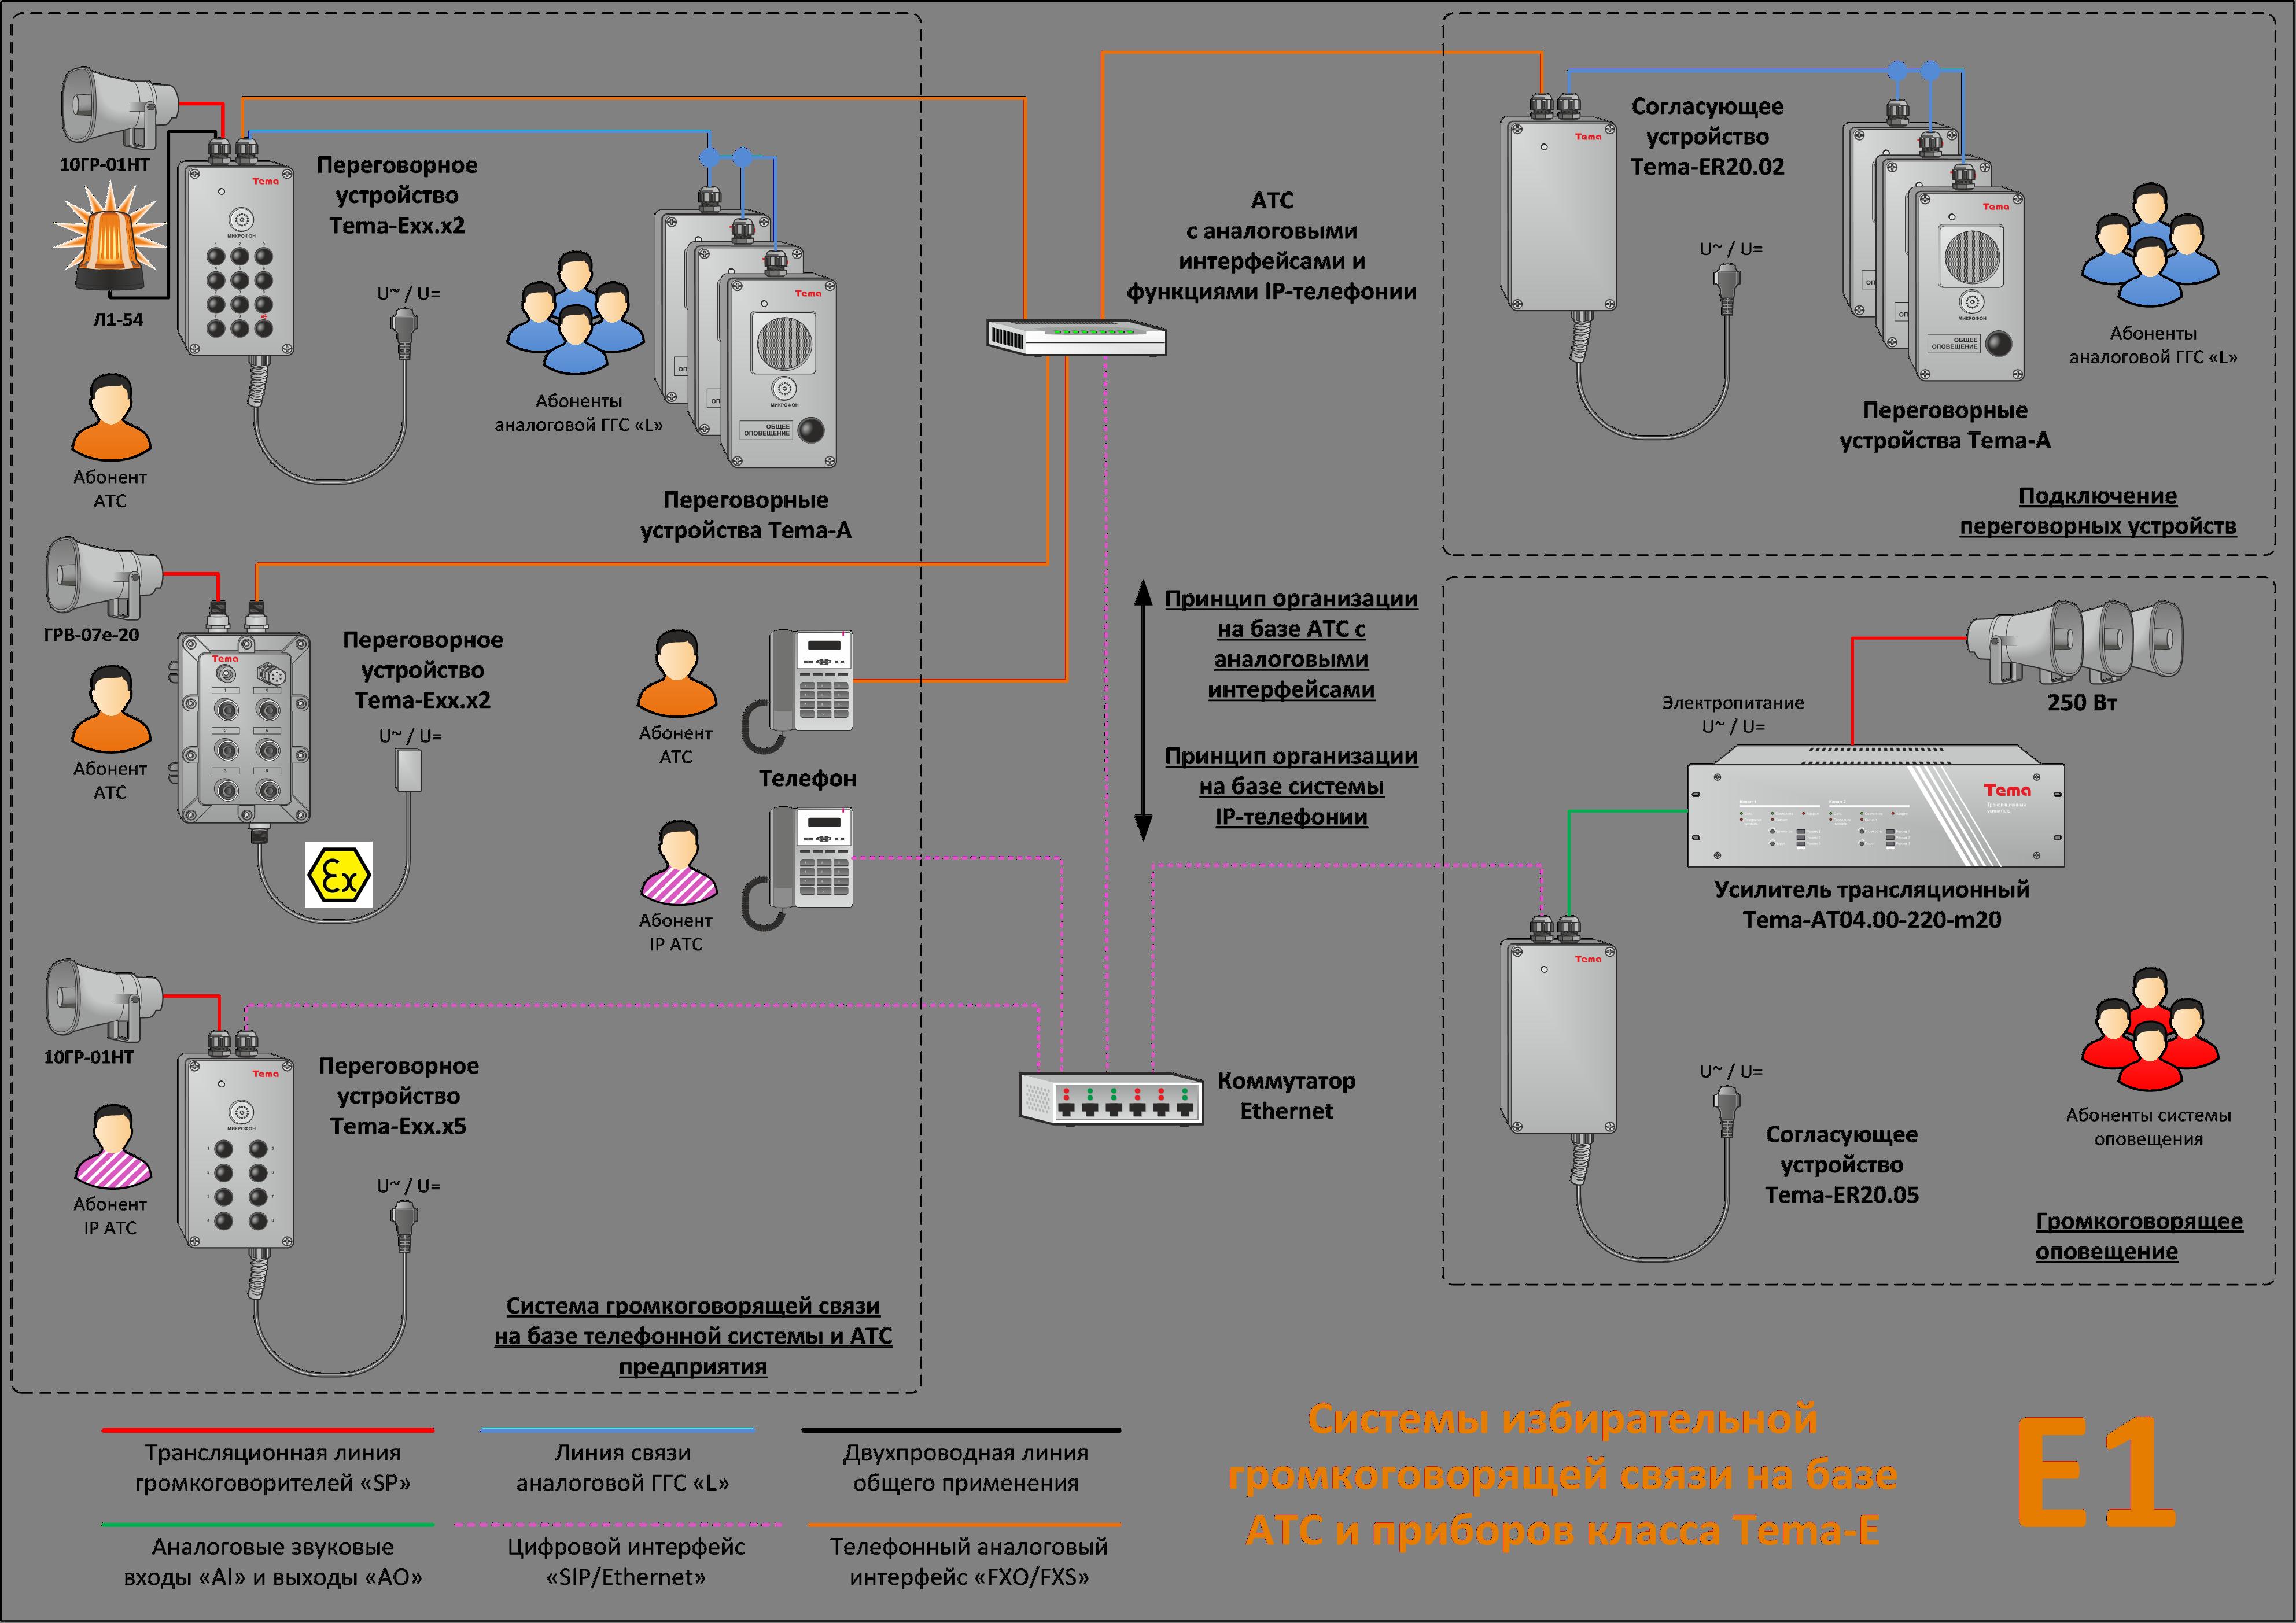 Статья E1: Системы избирательной громкоговорящей связи на базе АТС